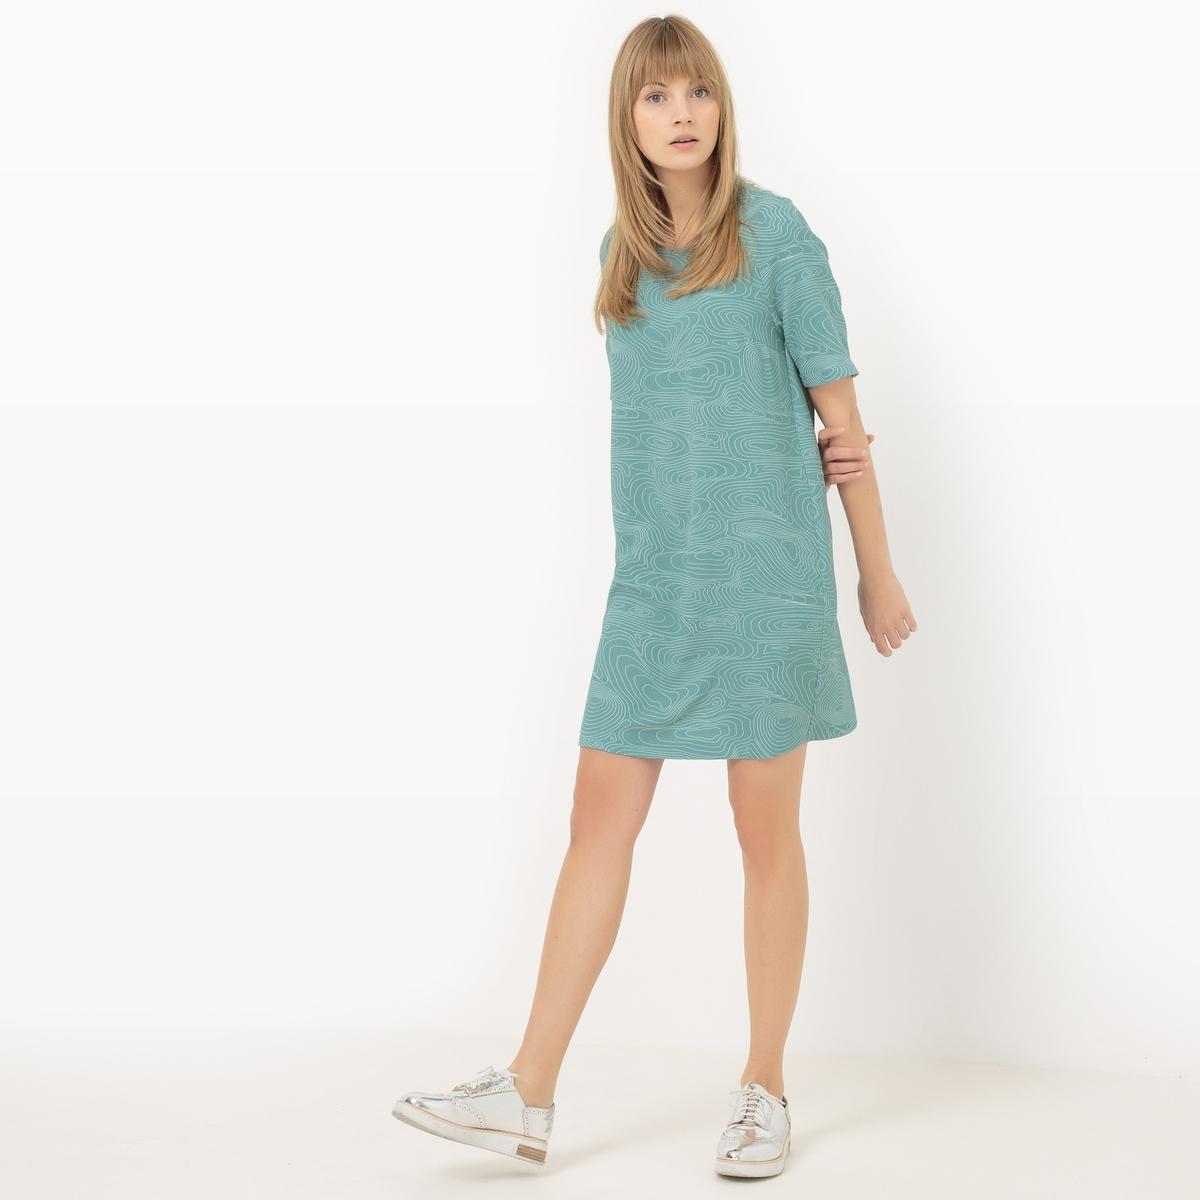 Платье-футляр с графическим рисункомМатериал : 100% полиэстер             Длина рукава : короткие рукава             Форма воротника : Круглый вырез            Покрой платья : платье прямого покроя             Рисунок : графичный              Длина платья : Выше колена, 90см для размера 38            Стирка : Машинная стирка при 30 °С в деликатном режиме            Уход: : Сухая чистка и отбеливание запрещены            Машинная сушка : Машинная сушка запрещена            Глажка : Гладить при низкой температуре<br><br>Цвет: рисунок/зеленый<br>Размер: 52 (FR) - 58 (RUS).44 (FR) - 50 (RUS)